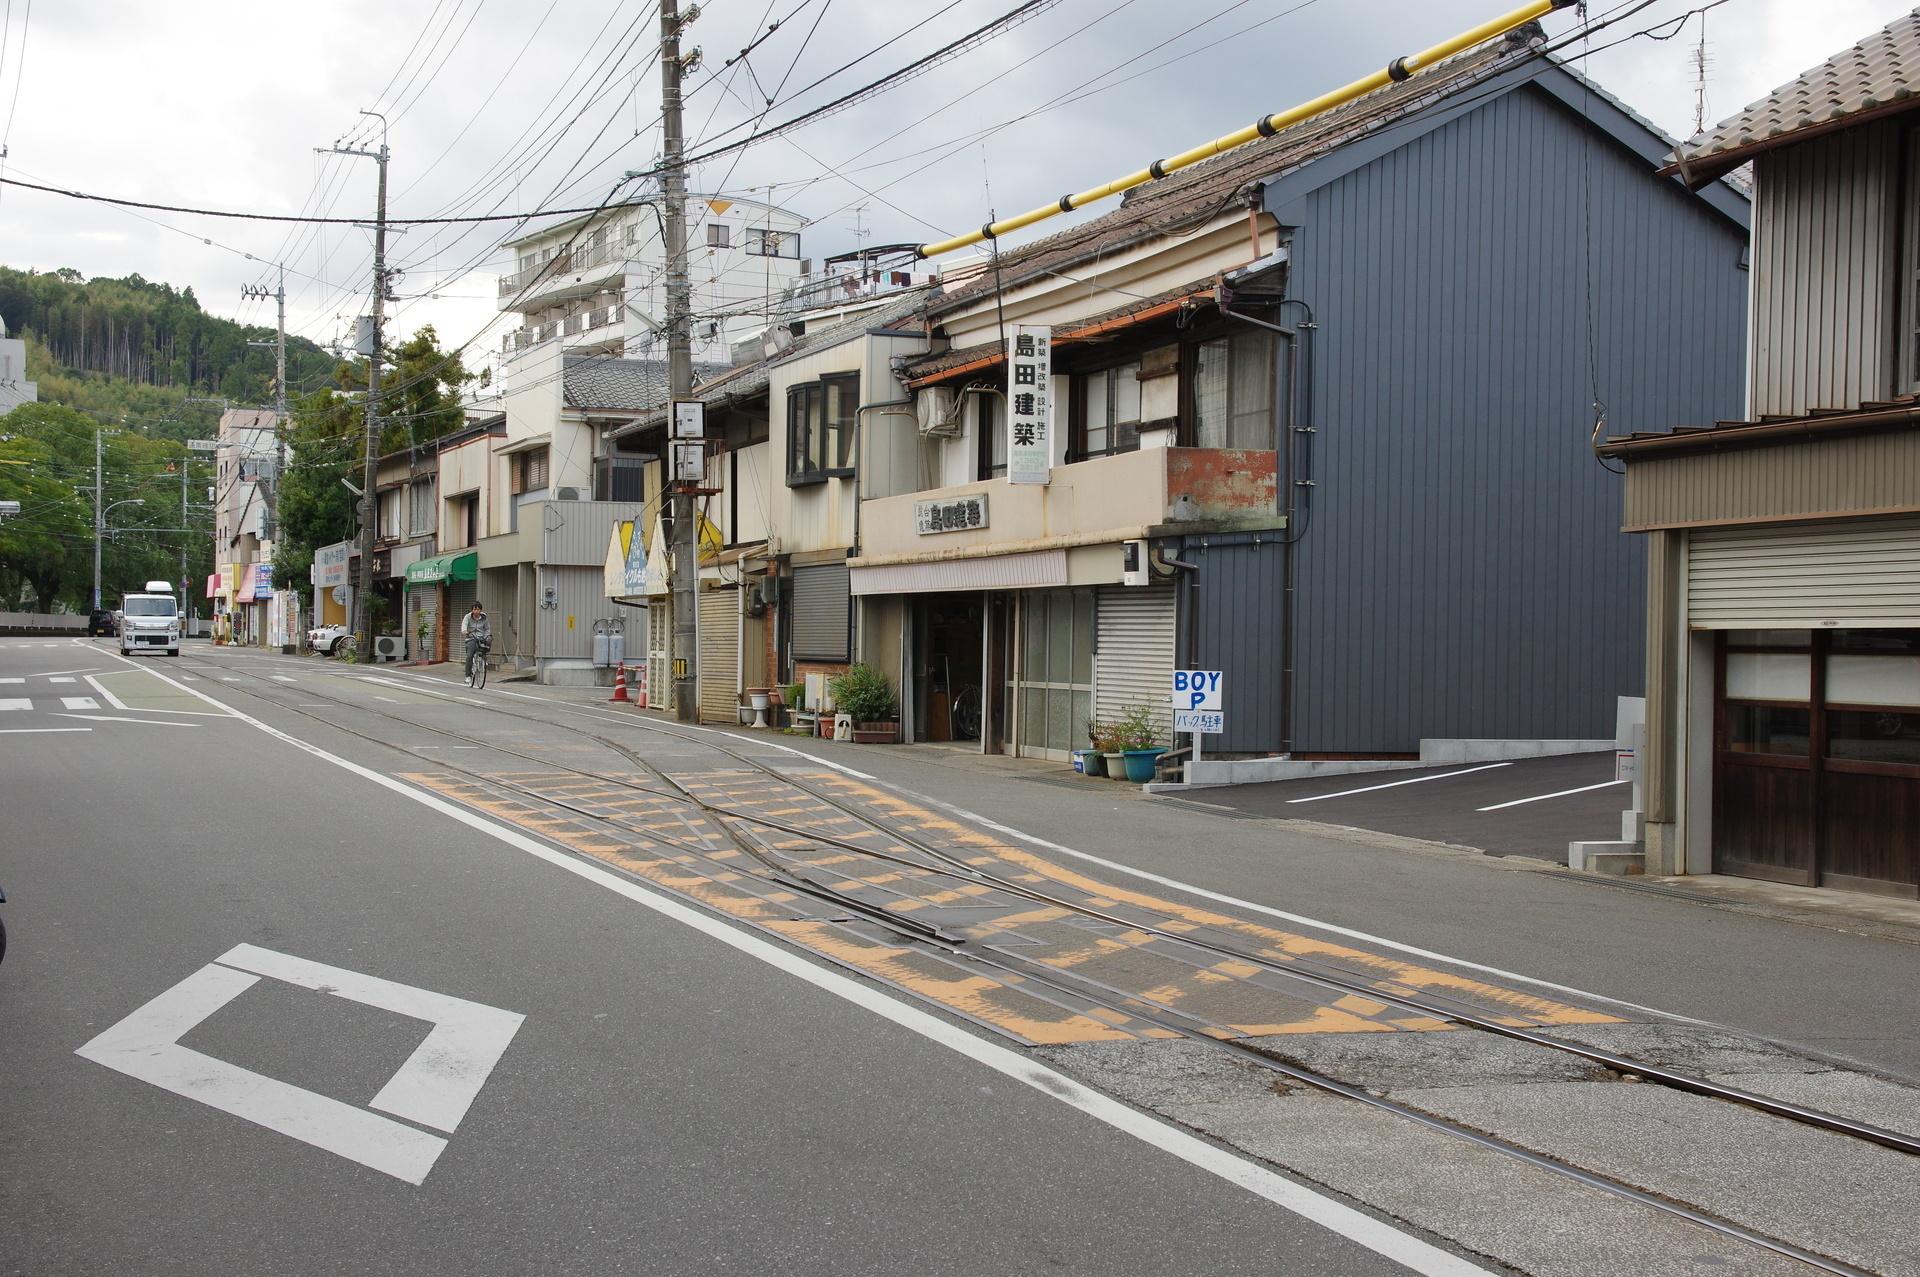 朝倉駅の全景(はりまや橋側から撮影)